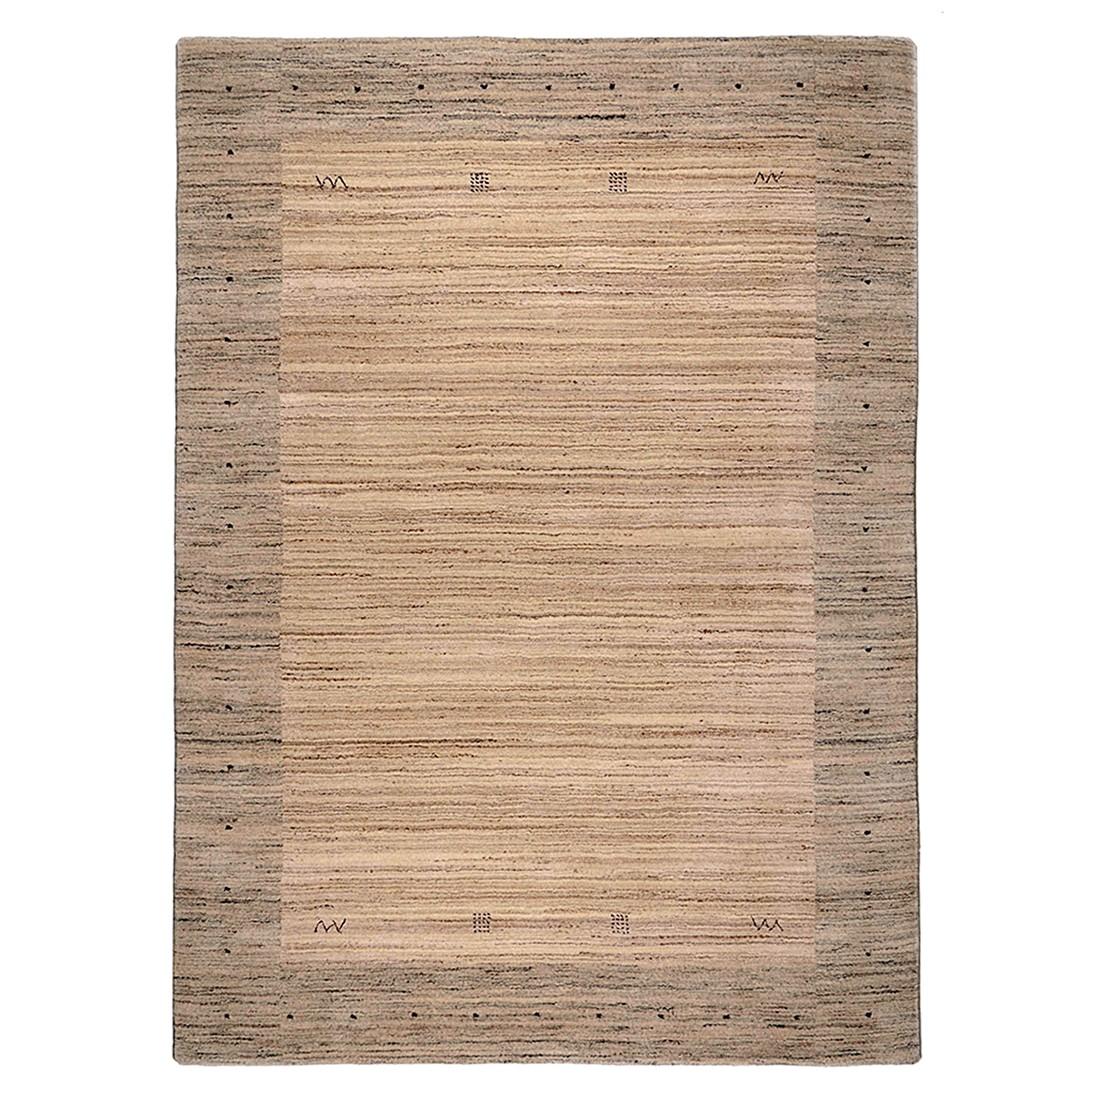 Teppich Lori Dream Super – Wolle/Beige – 170 cm x 240 cm, THEKO die markenteppiche bestellen